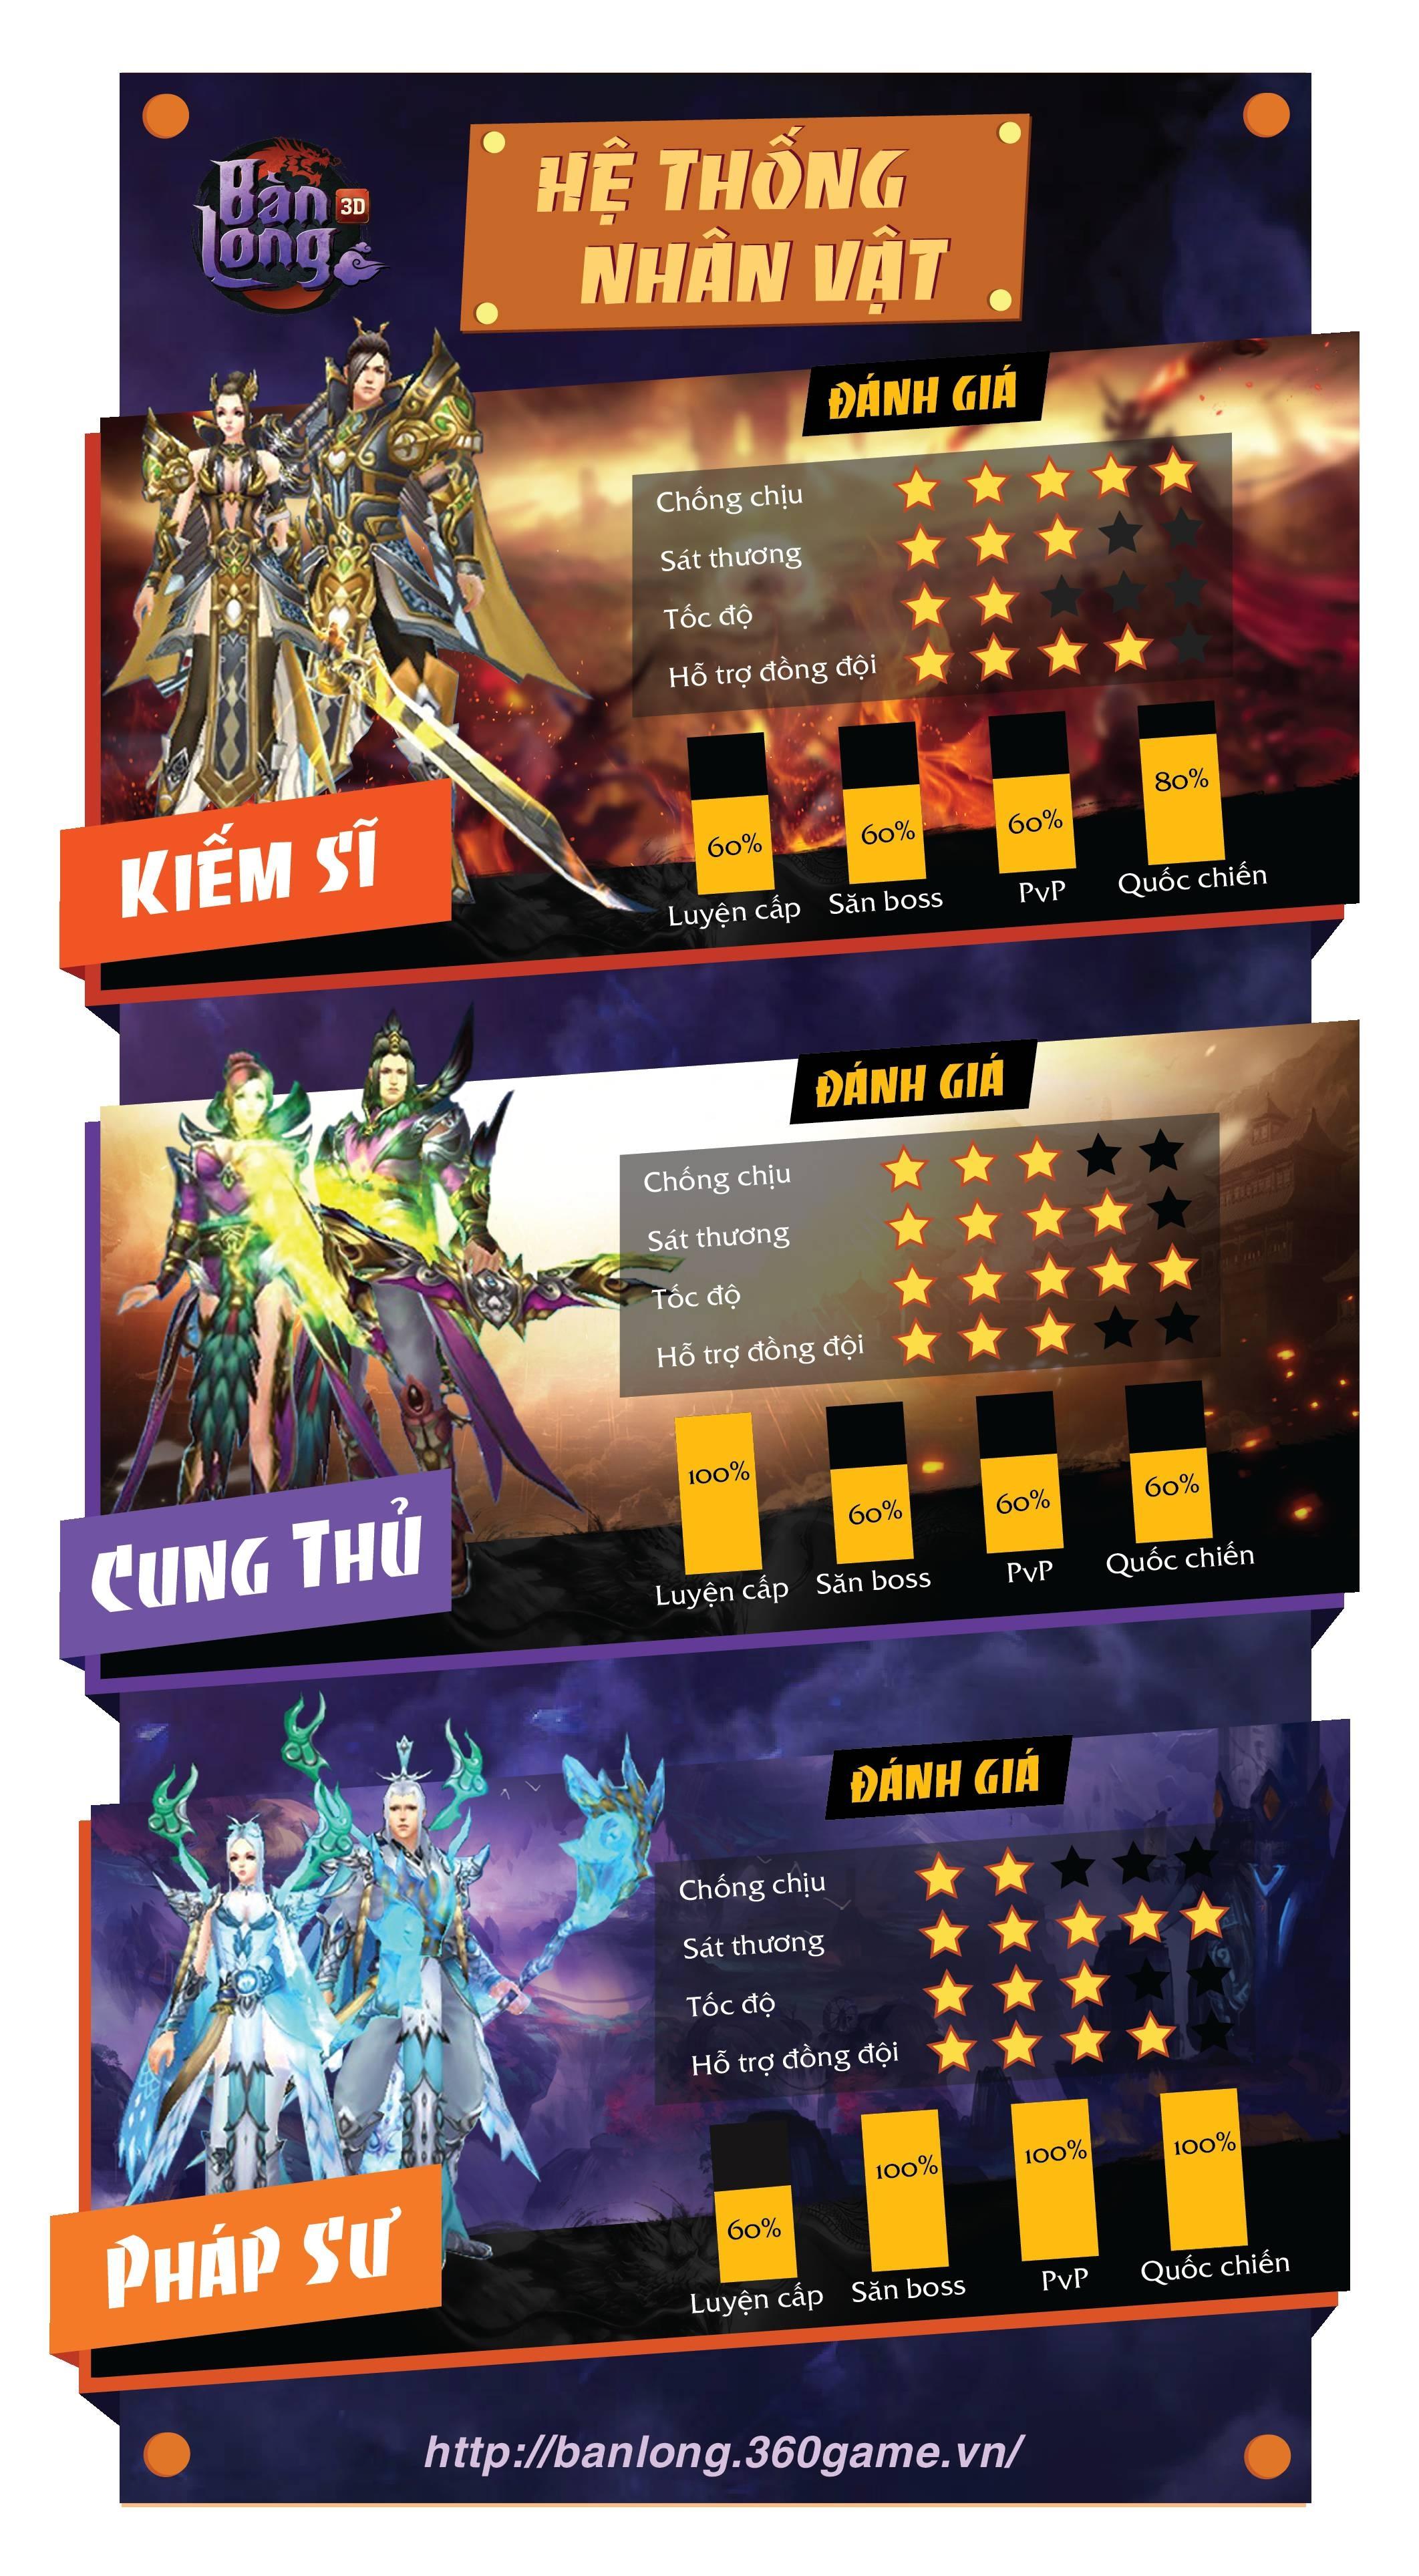 """Game Infographic - Mổ xẻ ba lớp nhân vật trong """"Bàn Long 3D"""""""